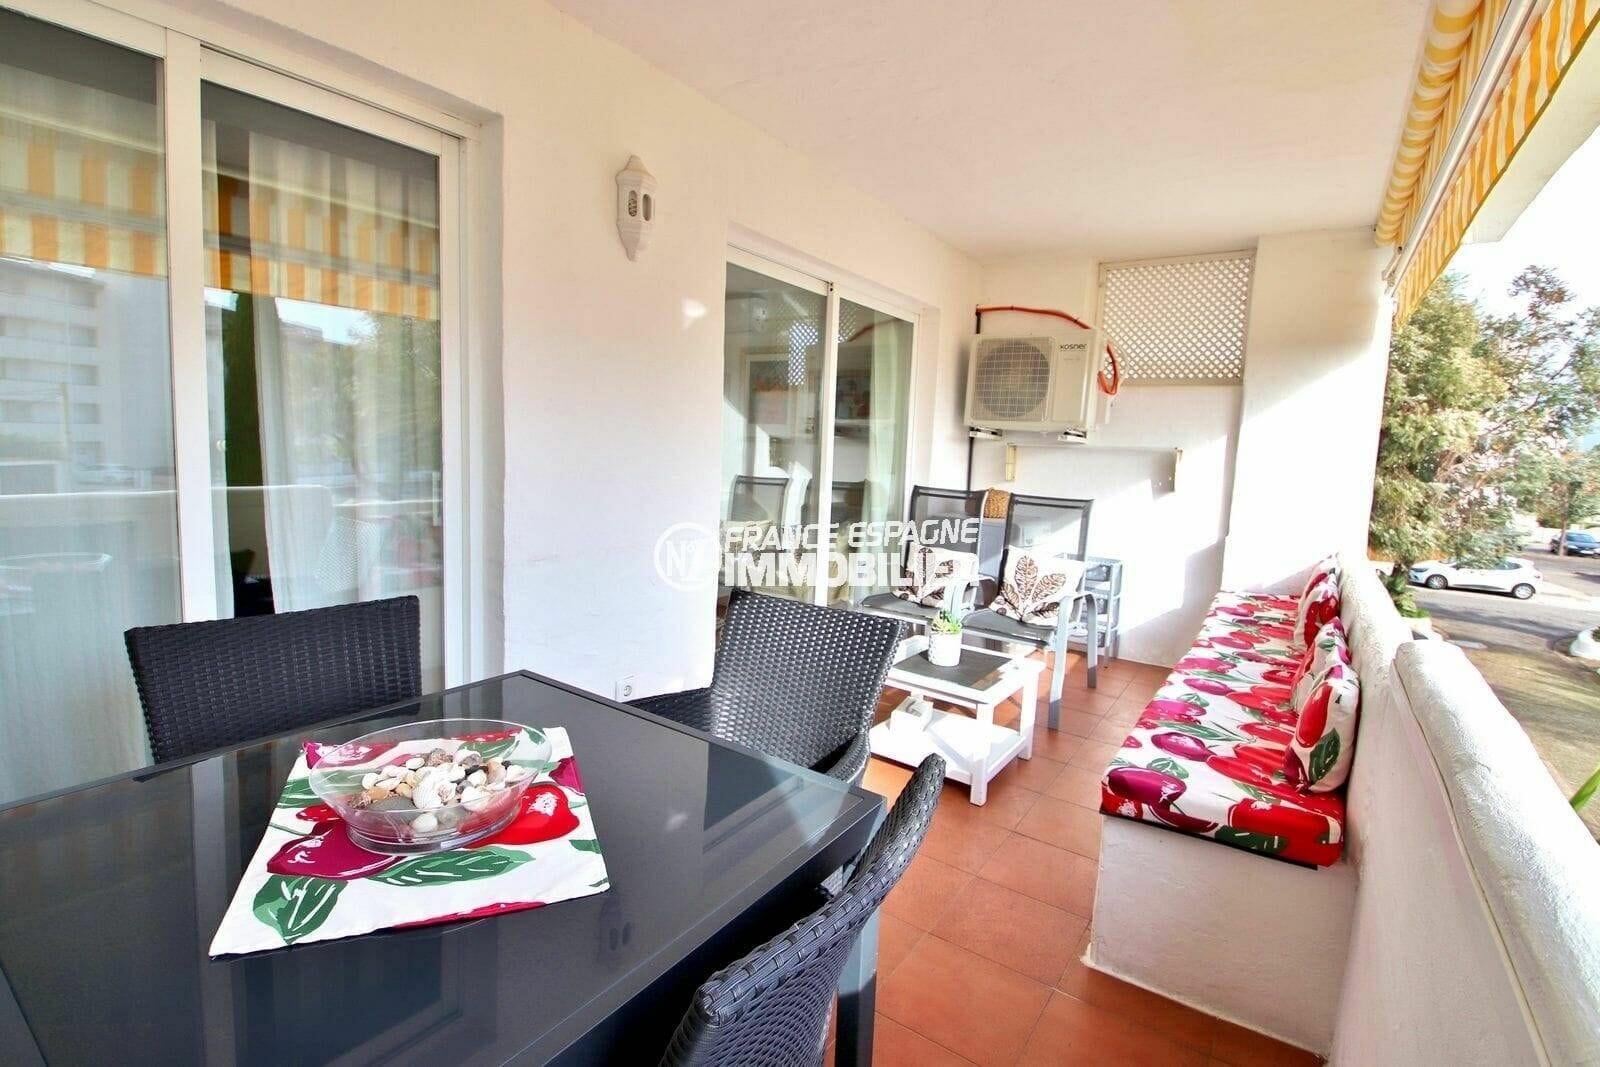 agence immo rosas: appartement ref.3873, séjour avec accès grande terrasse